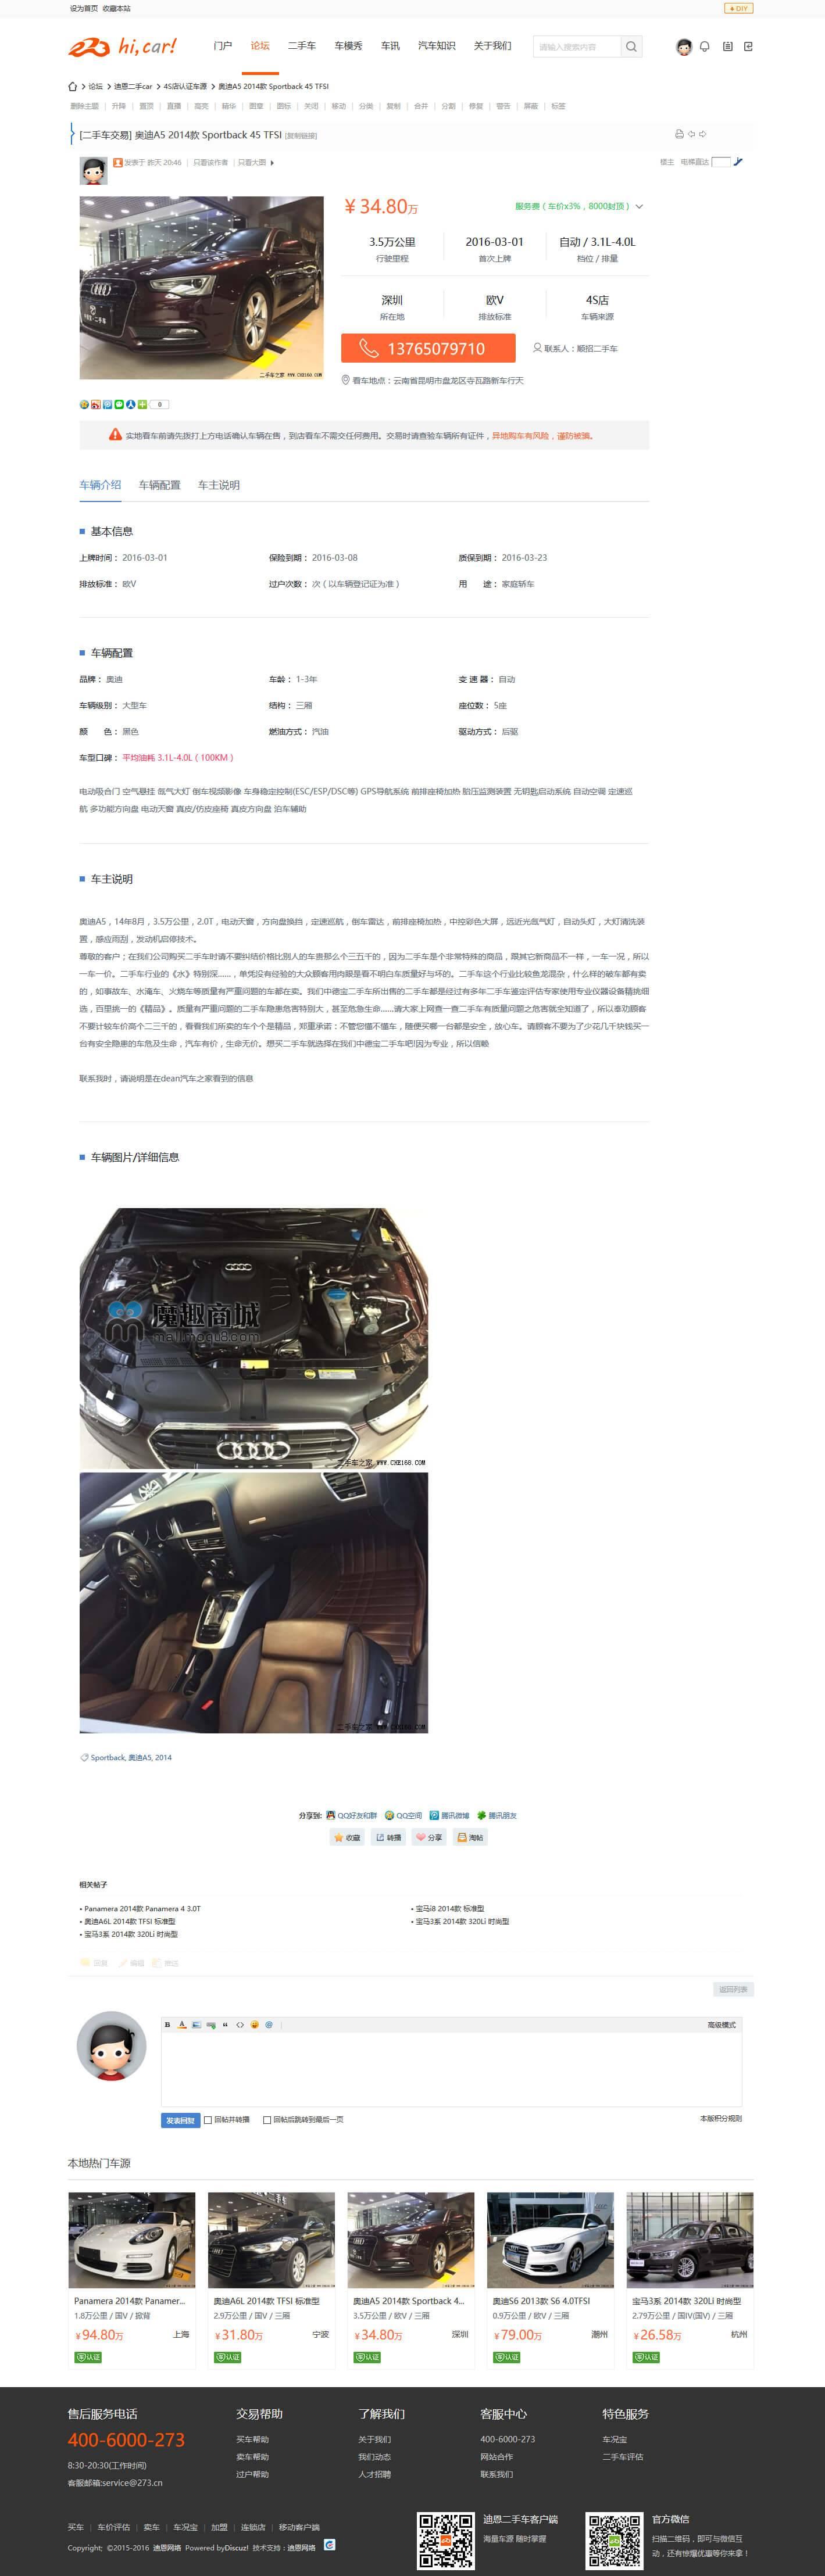 二手车交易/买卖车资讯交流门户模版